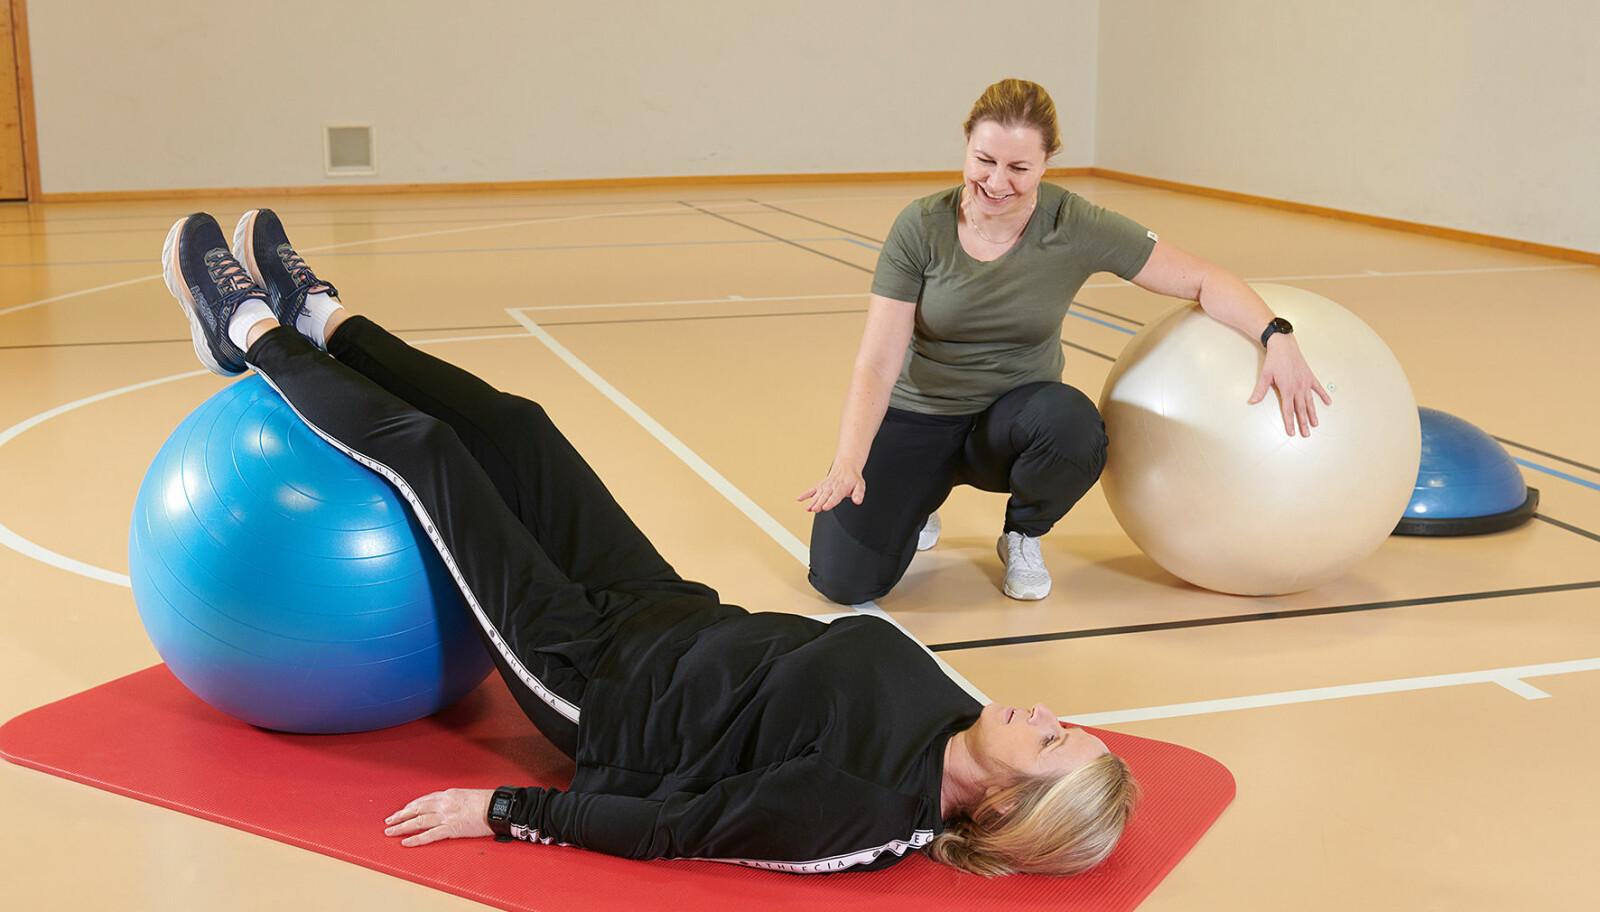 Fysioterapeut Torunn Berggård (bak) observerer Mette Høisveen i aktivitet.